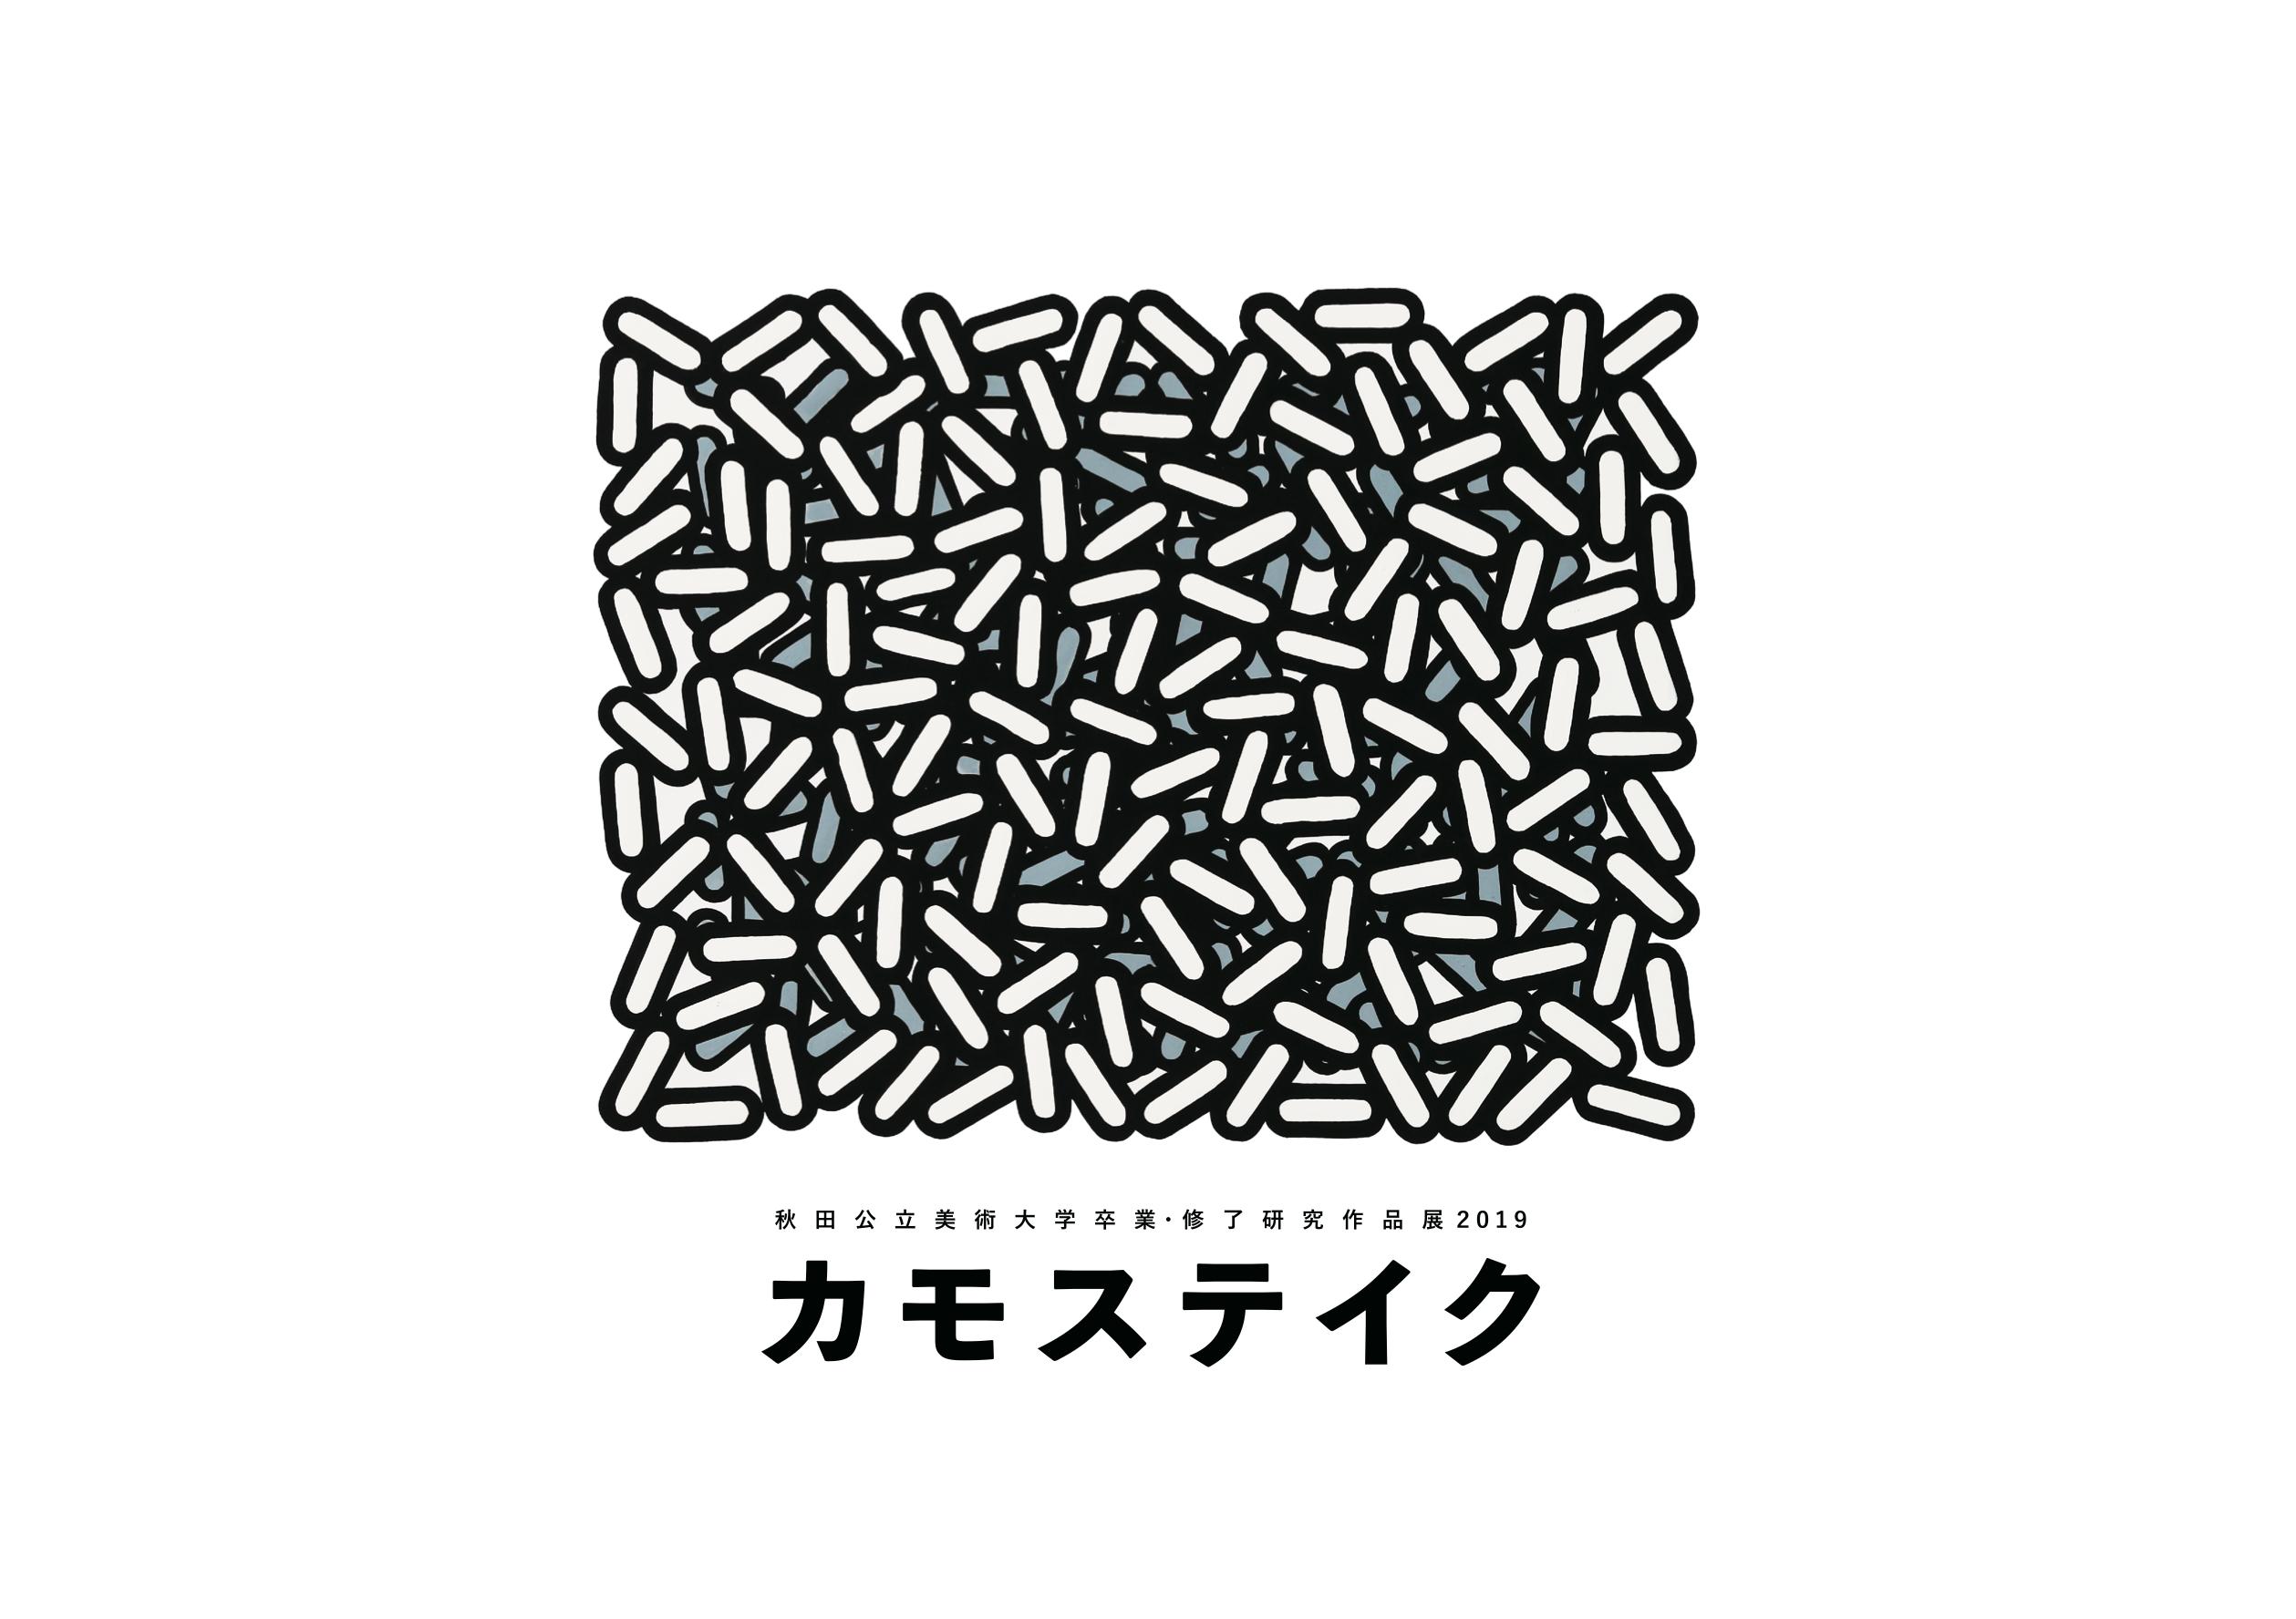 秋田公立美術大学卒業・修了研究作品展2019 「カモステイク」